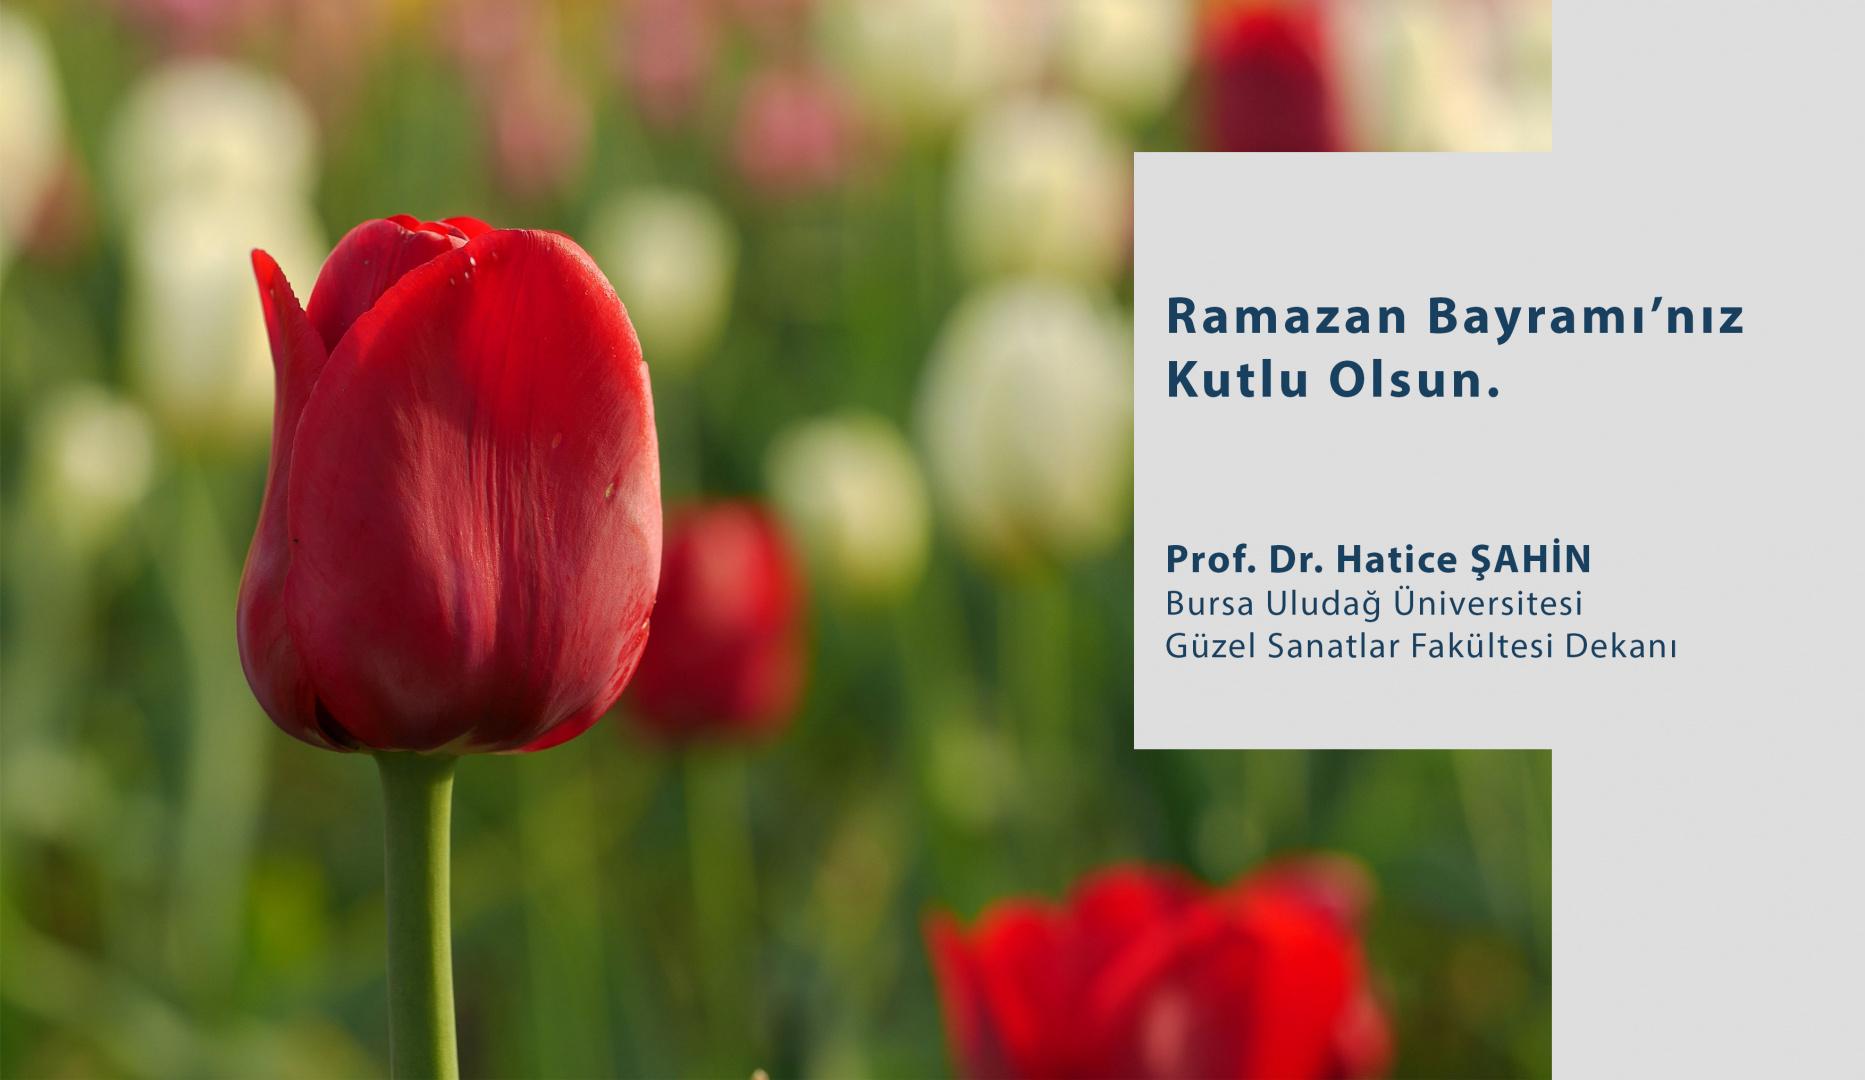 Sn. Dekanımız Prof. Dr. Hatice ŞAHİN'İN Ramazan Bayramı Mesajı